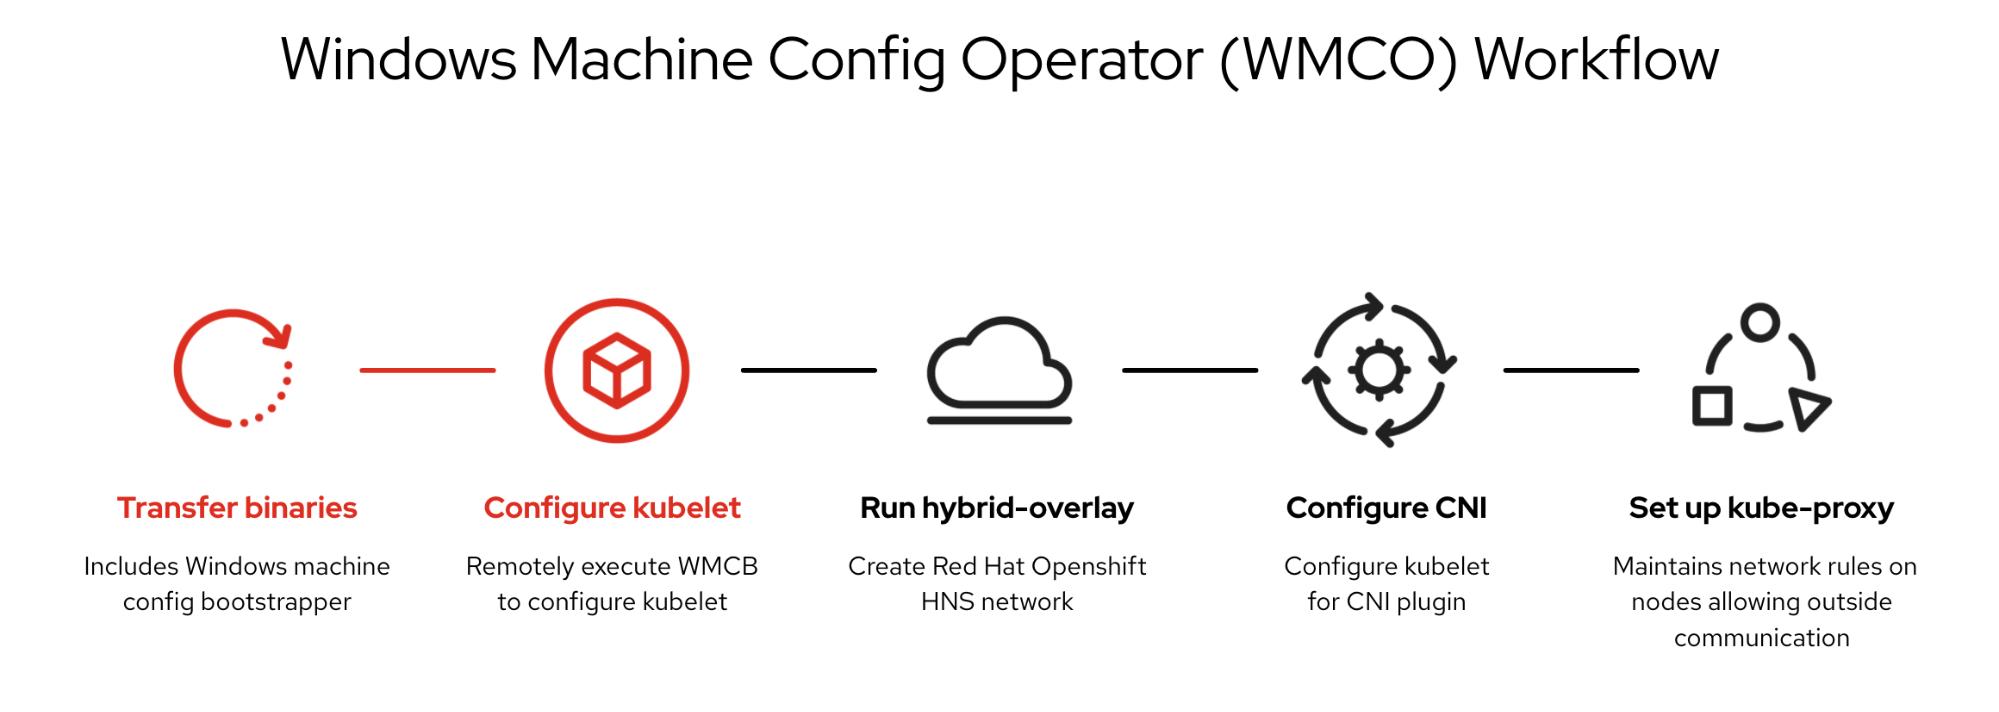 Windows Machine Config Operator Workflow